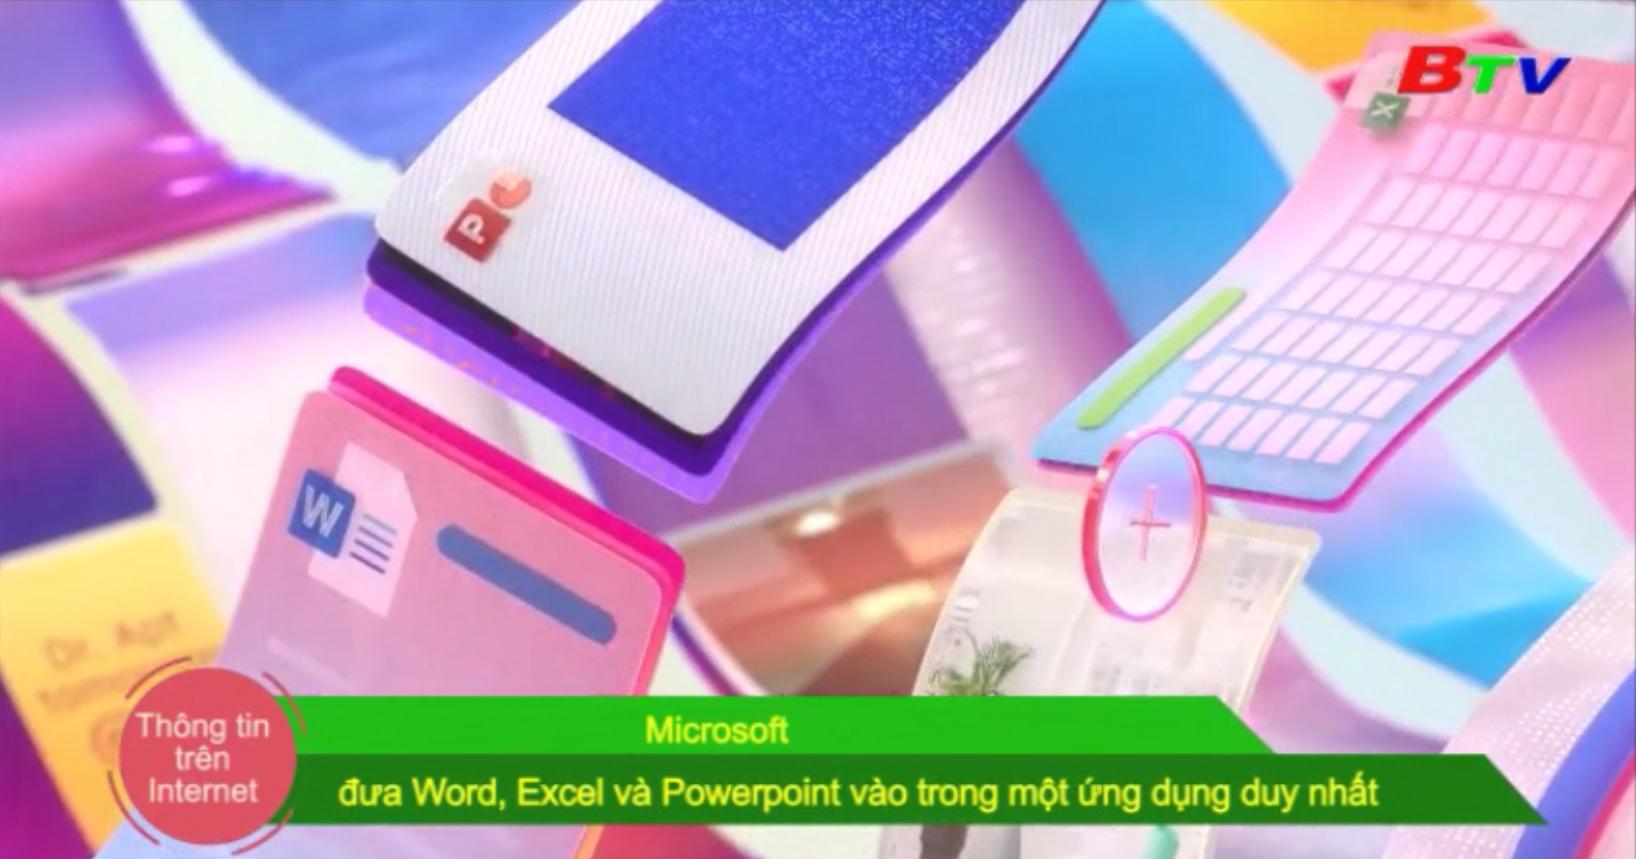 Microsoft đưa Word, Excel và Powerpoint vào trong một ứng dụng duy nhất